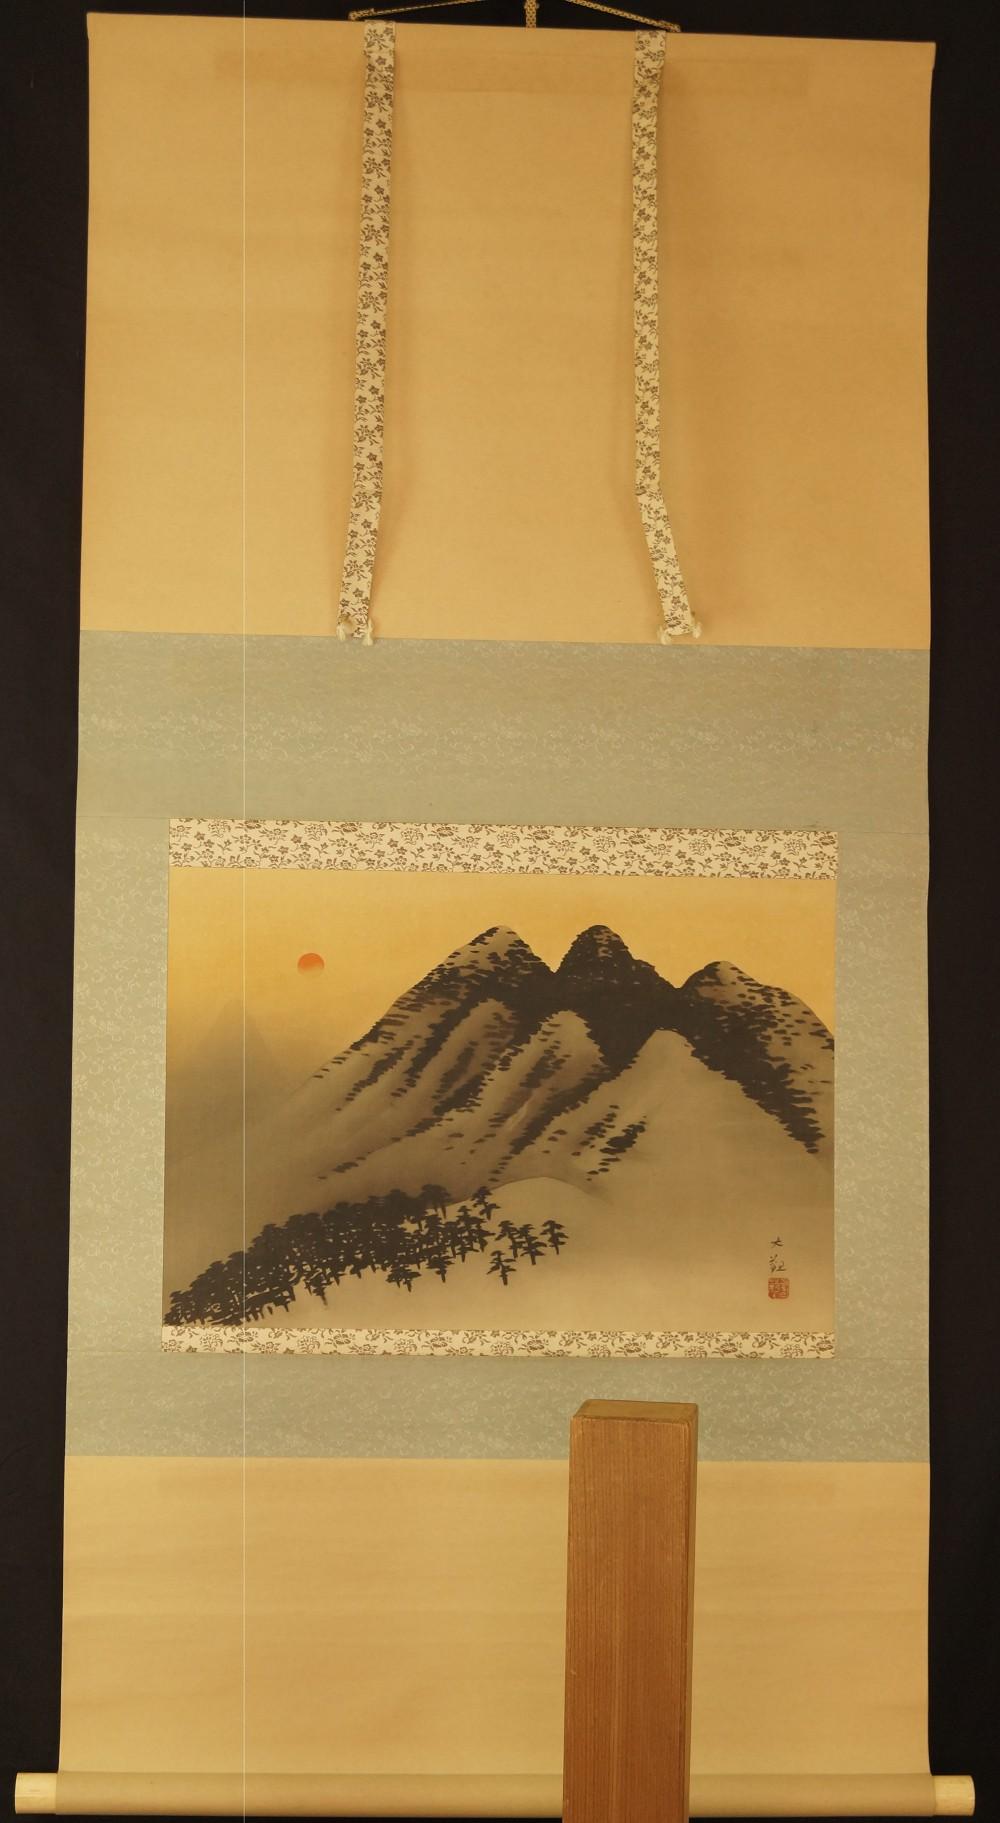 Berge - Japanisches Rollbild (Kakejiku, Kakemono)